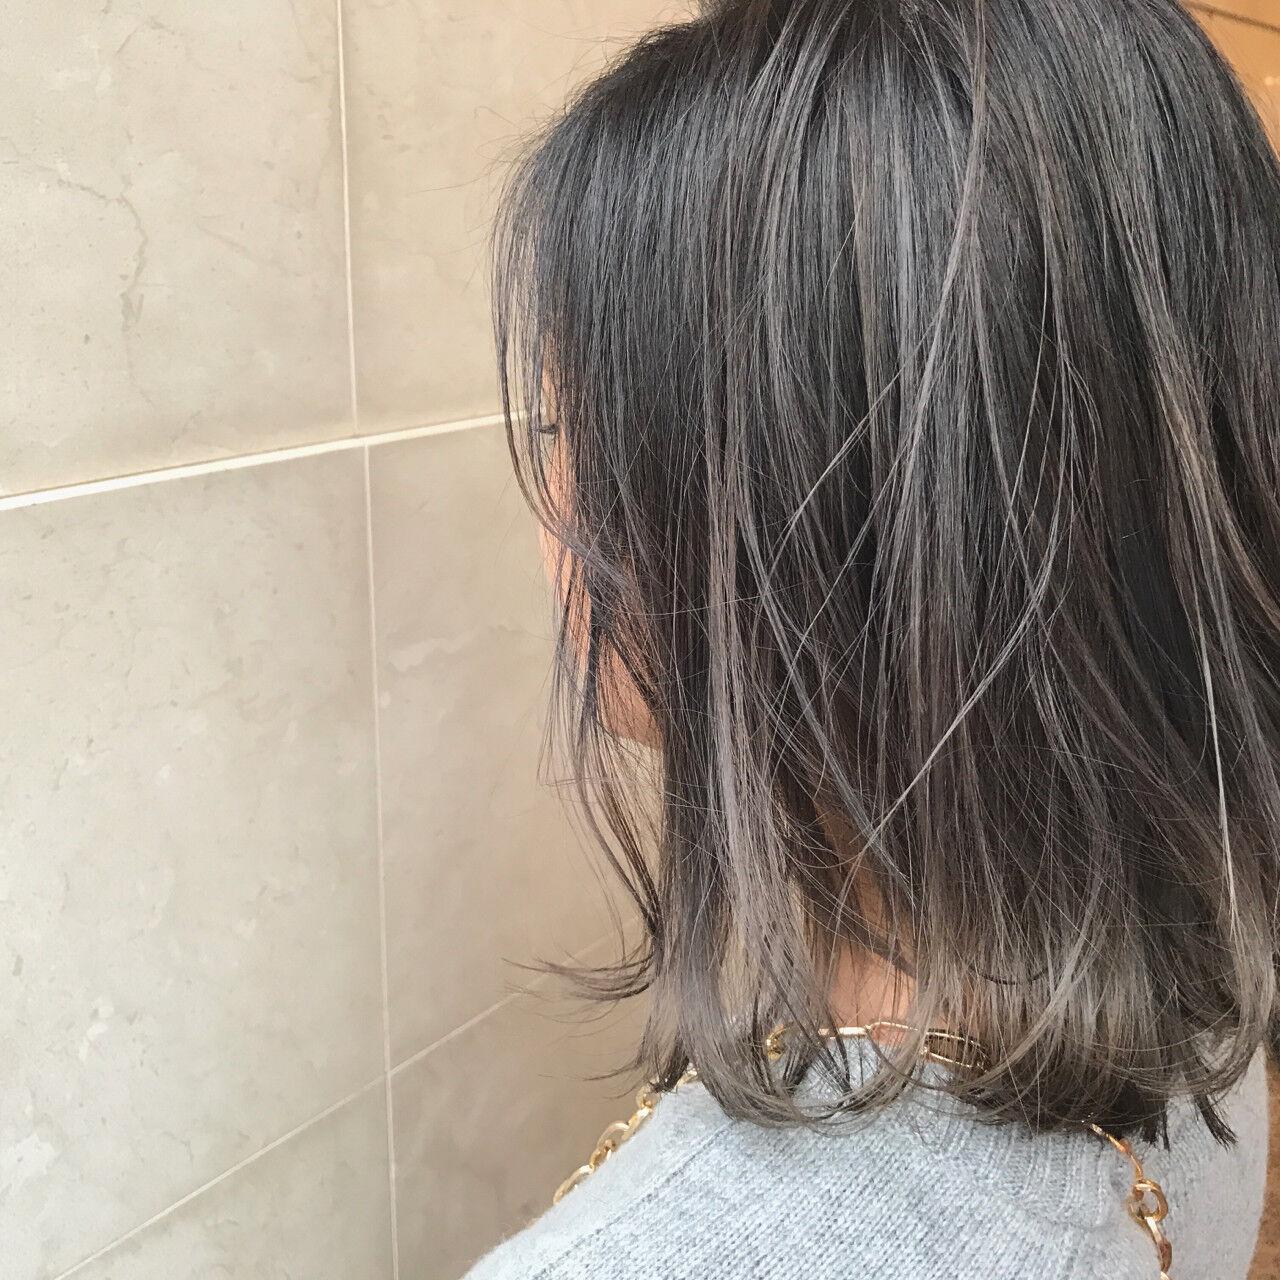 ボブ ダブルカラー グレージュ アッシュグレージュヘアスタイルや髪型の写真・画像